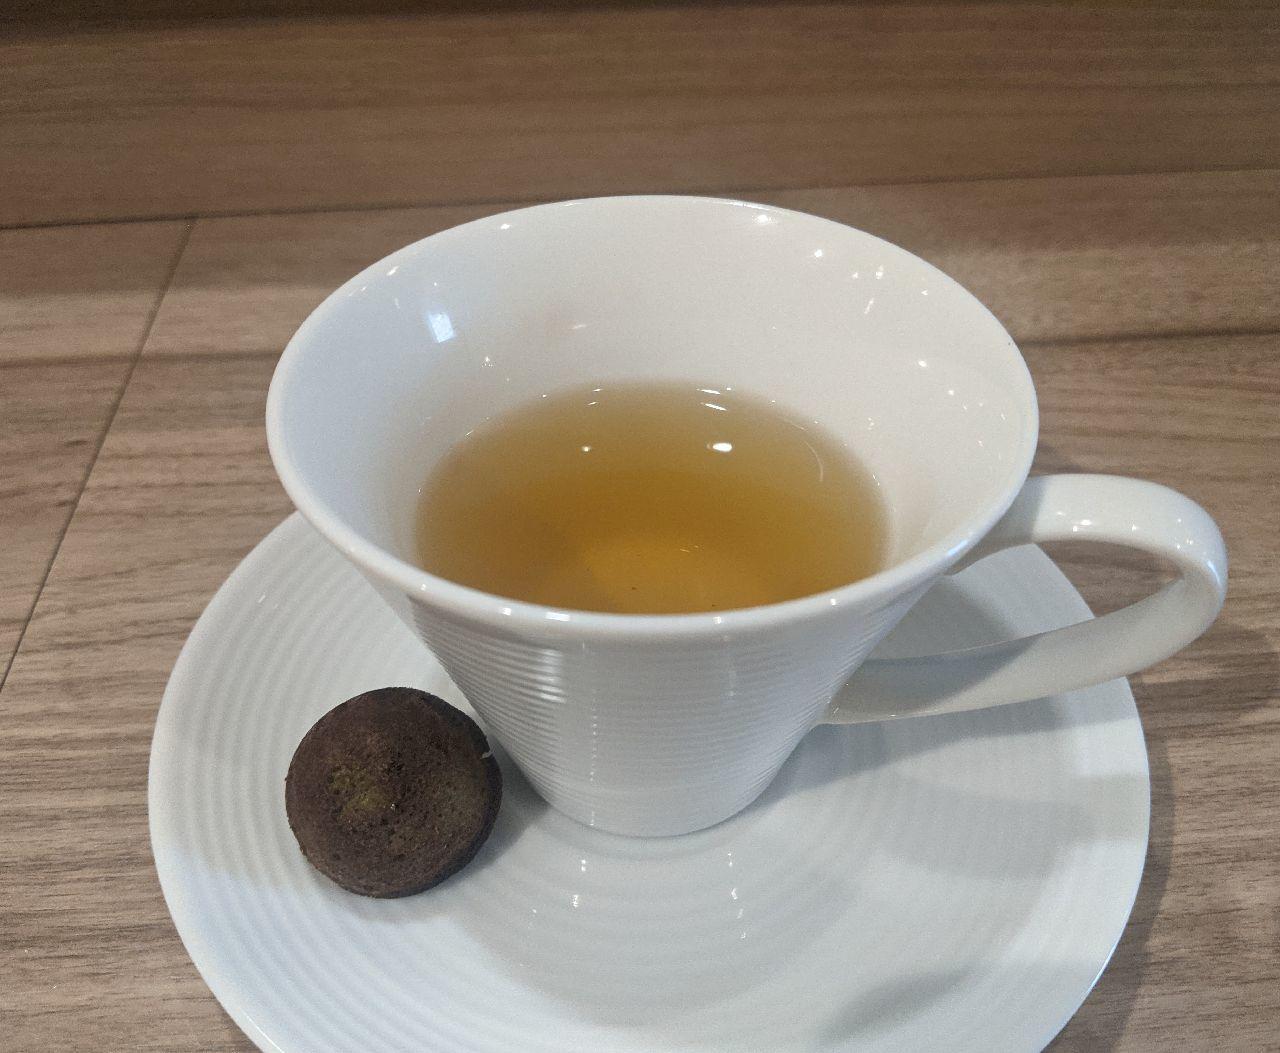 PXL_20210711_051605189ヴェルベェーヌのハーブティー、抹茶フィナンシェ